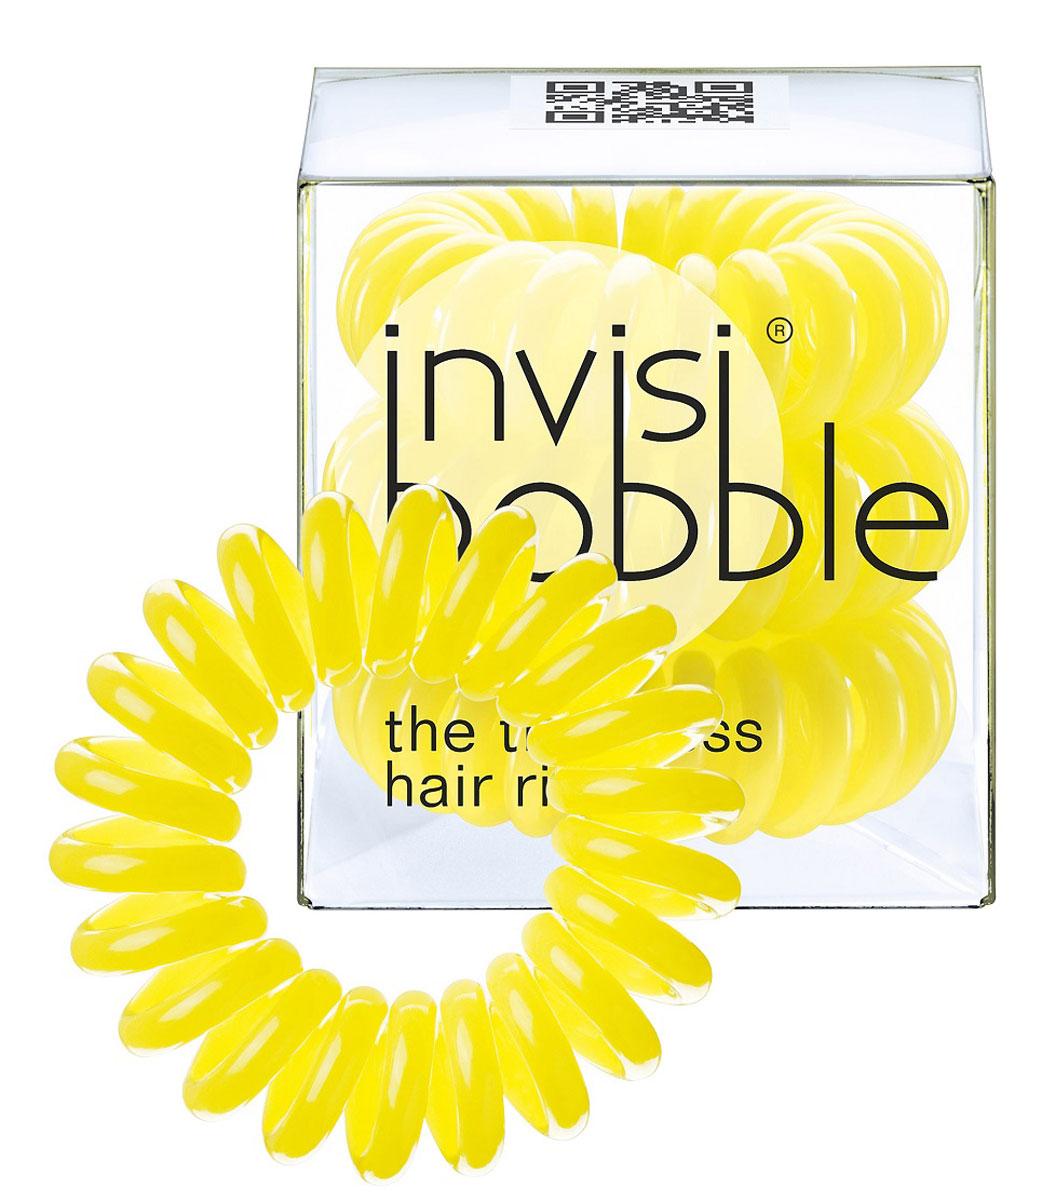 Invisibobble Резинка-браслет для волос Submarine Yellow, 3 штSatin Hair 7 BR730MNОригинальные резинки-браслеты Invisibobble в форме телефонного шнура, созданные в Германии.Резинки-браслеты Invisibobble подходят для всех типов волос, надежно фиксируют прическу, не оставляют заломов и не вызывают головную боль благодаря неравномерному распределению давления на волосы. Кроме того, они не намокают и не вызывают аллергию при контакте с кожей, поскольку изготовлены из искусственной смолы. Резинка-браслет Invisibobble черного цвета.C резинками Invisibobble можно легко создавать разнообразные прически. Резинки прочно держат волосы любой длины, при этом, не стягивая их слишком туго. Телефонный провод позволяет с легкостью и без вреда для волос протягивать пряди под спираль и ослаблять уже закрепленные для придания объема прическе. Invisibobble Original идеально подходят для ежедневного применения.Не комедогенна.